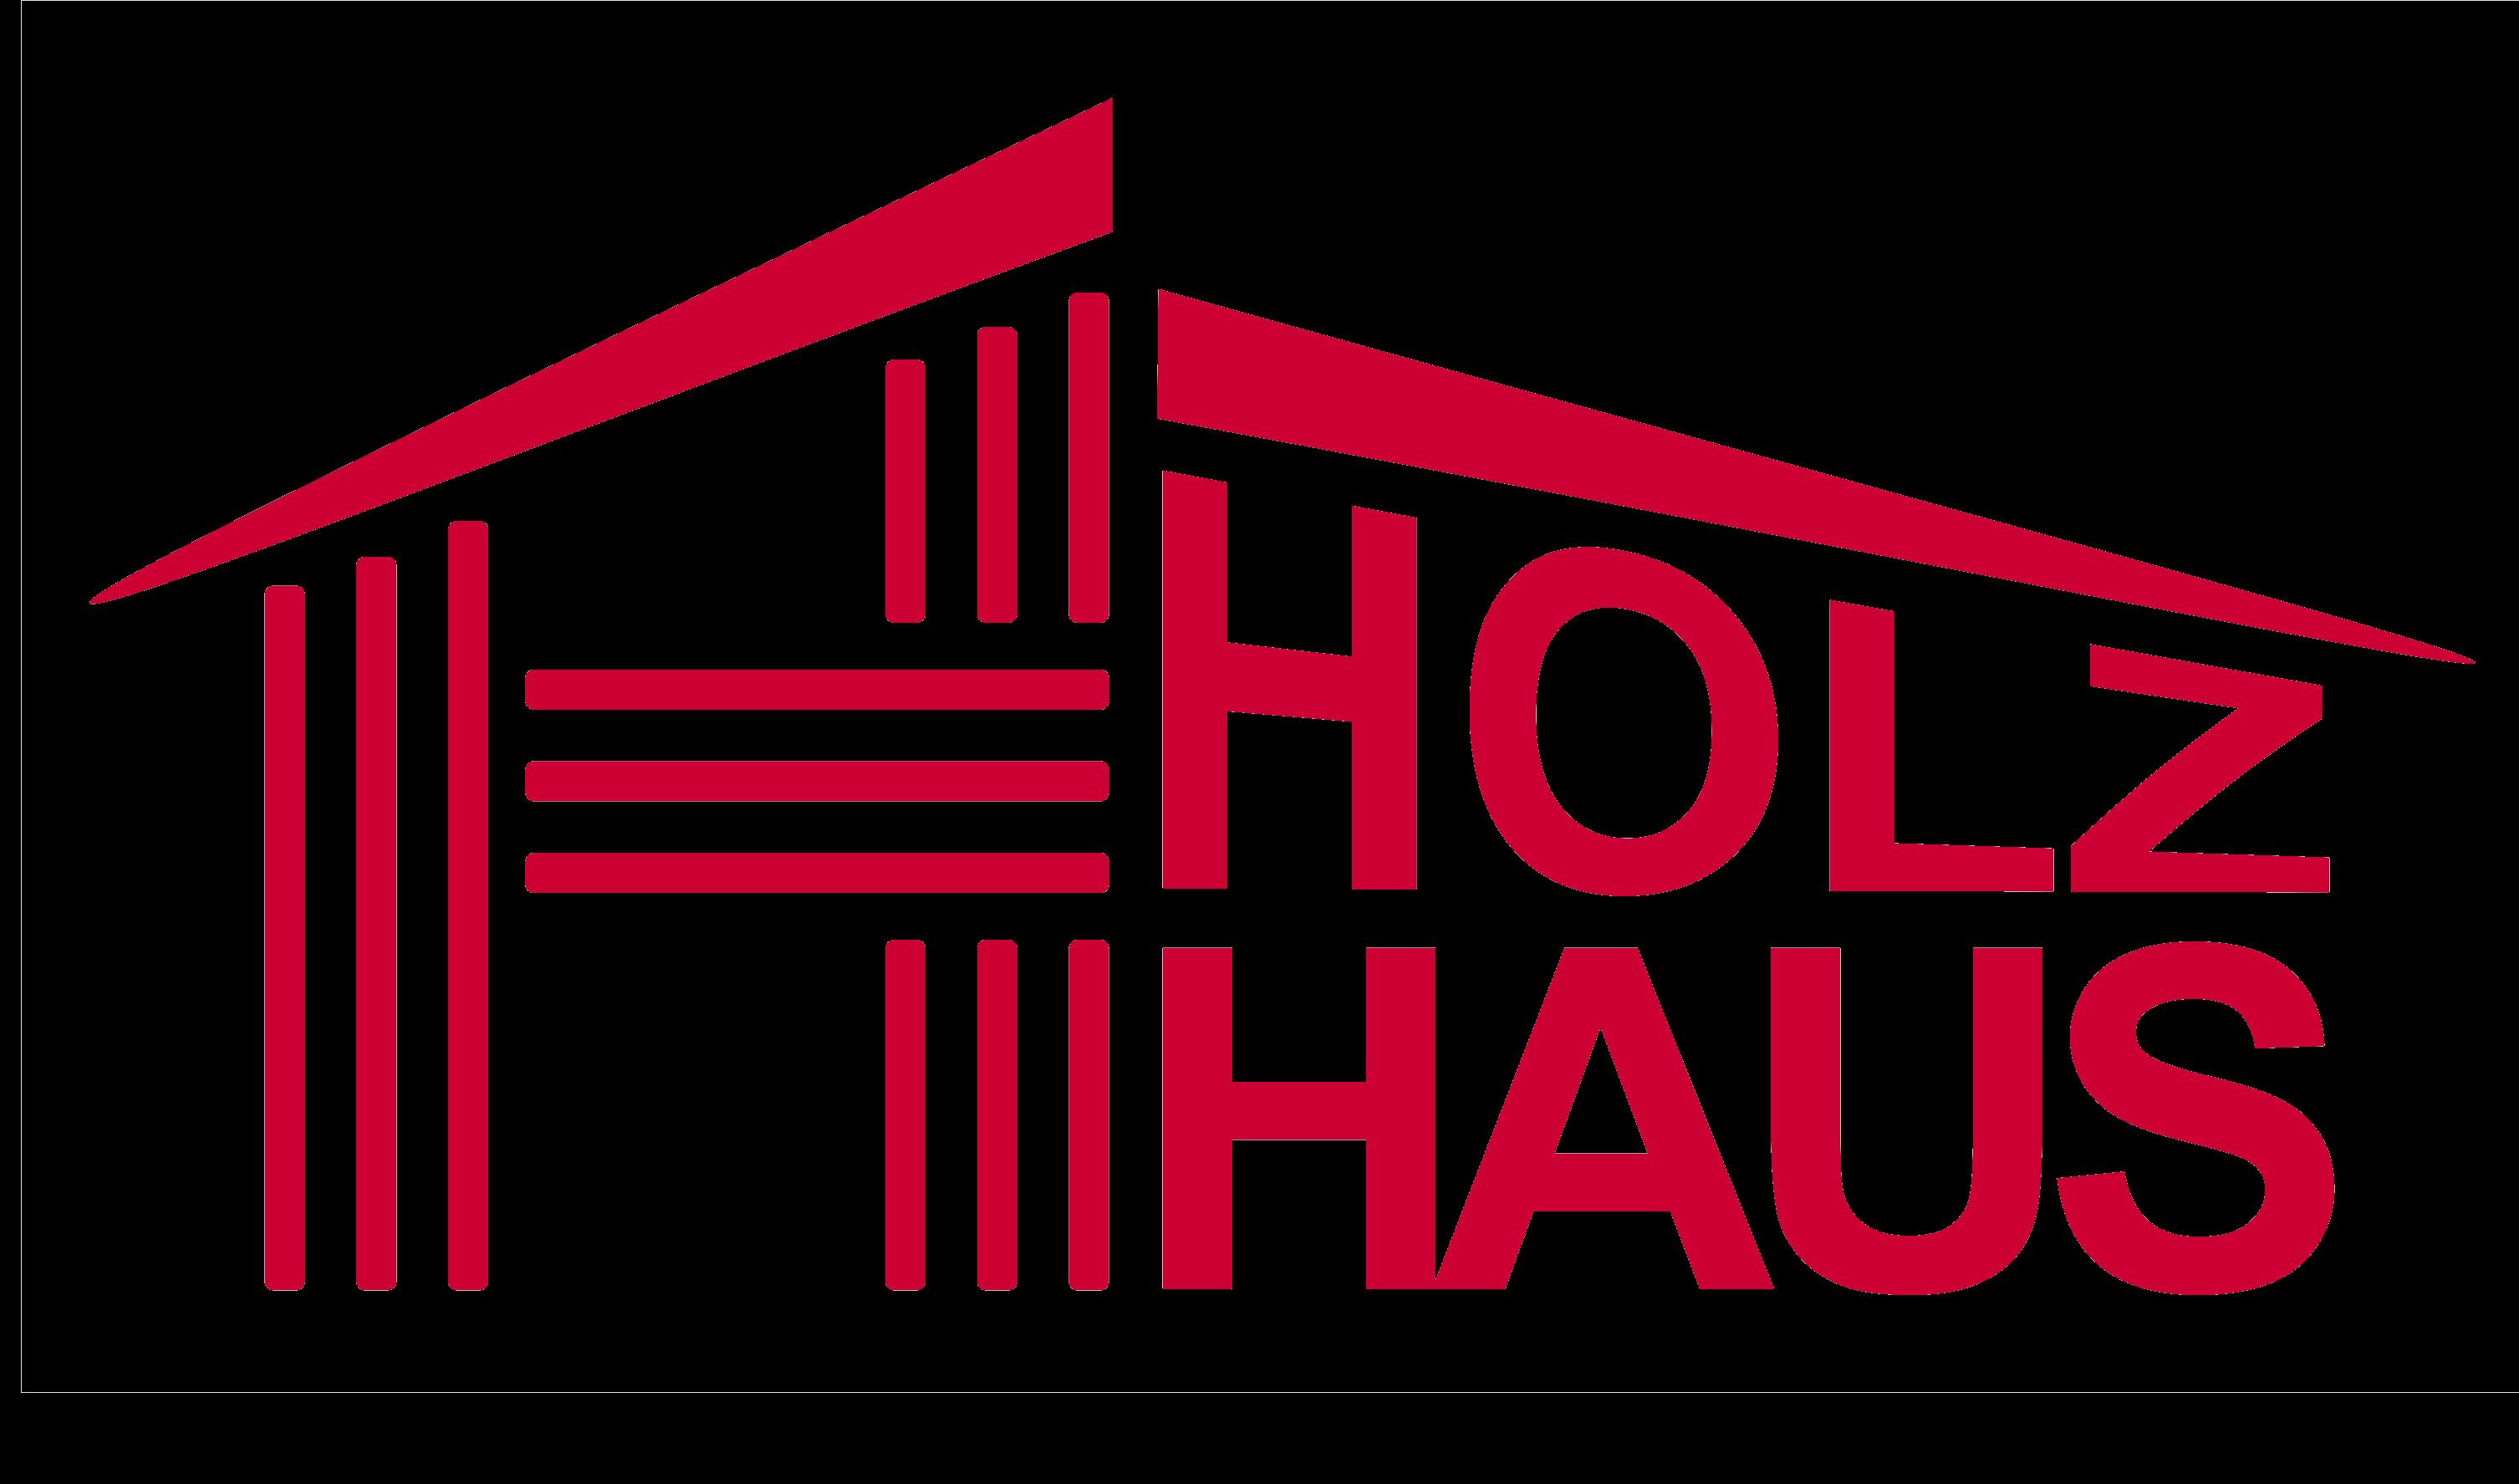 hauskd.com